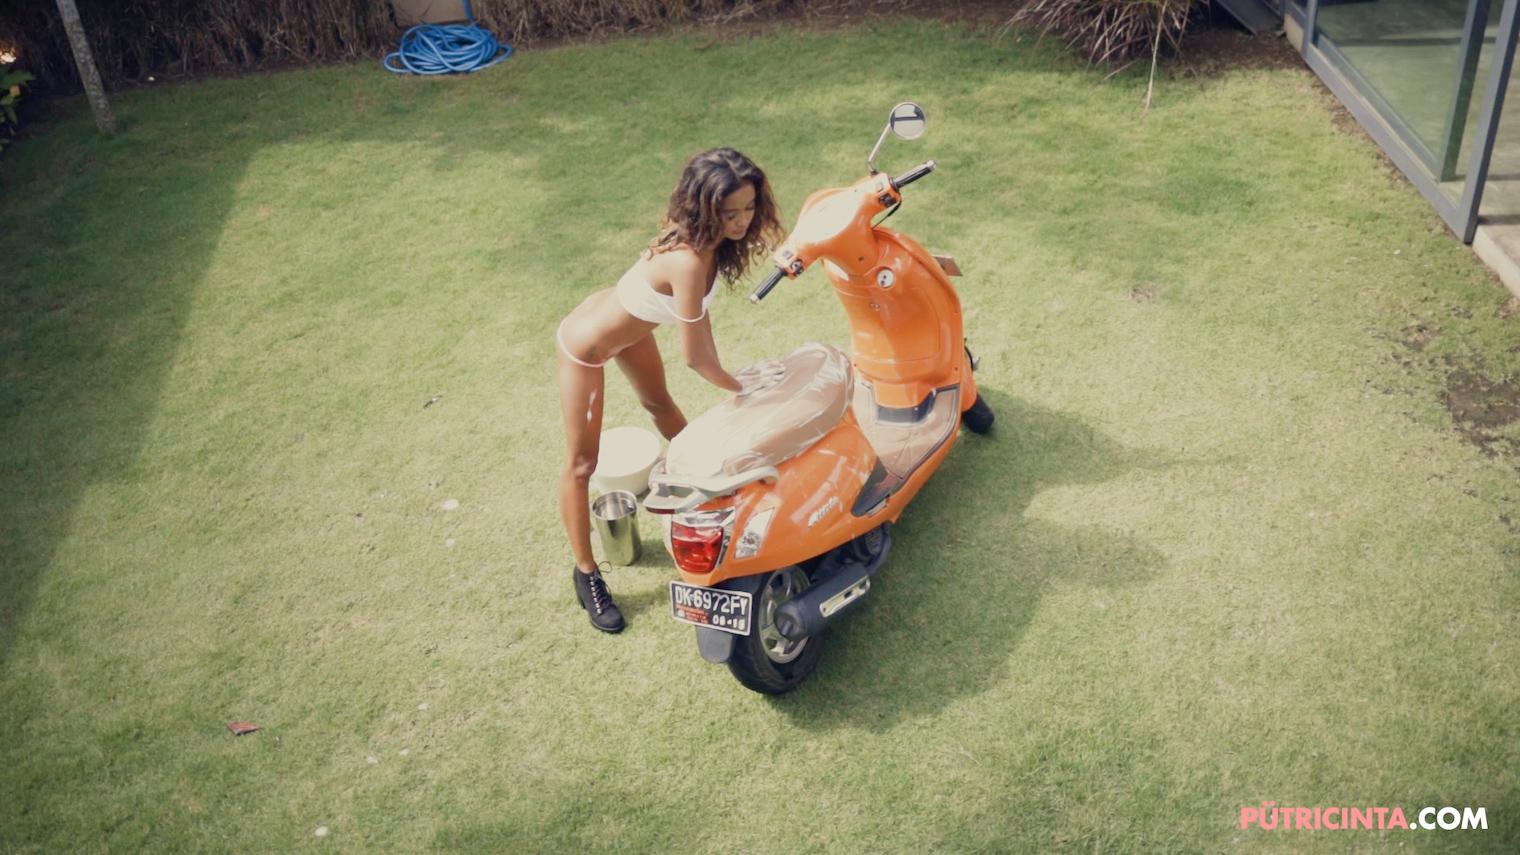 025-BikeWash-Putri-Cinta-Teaser-Stills-28.jpg